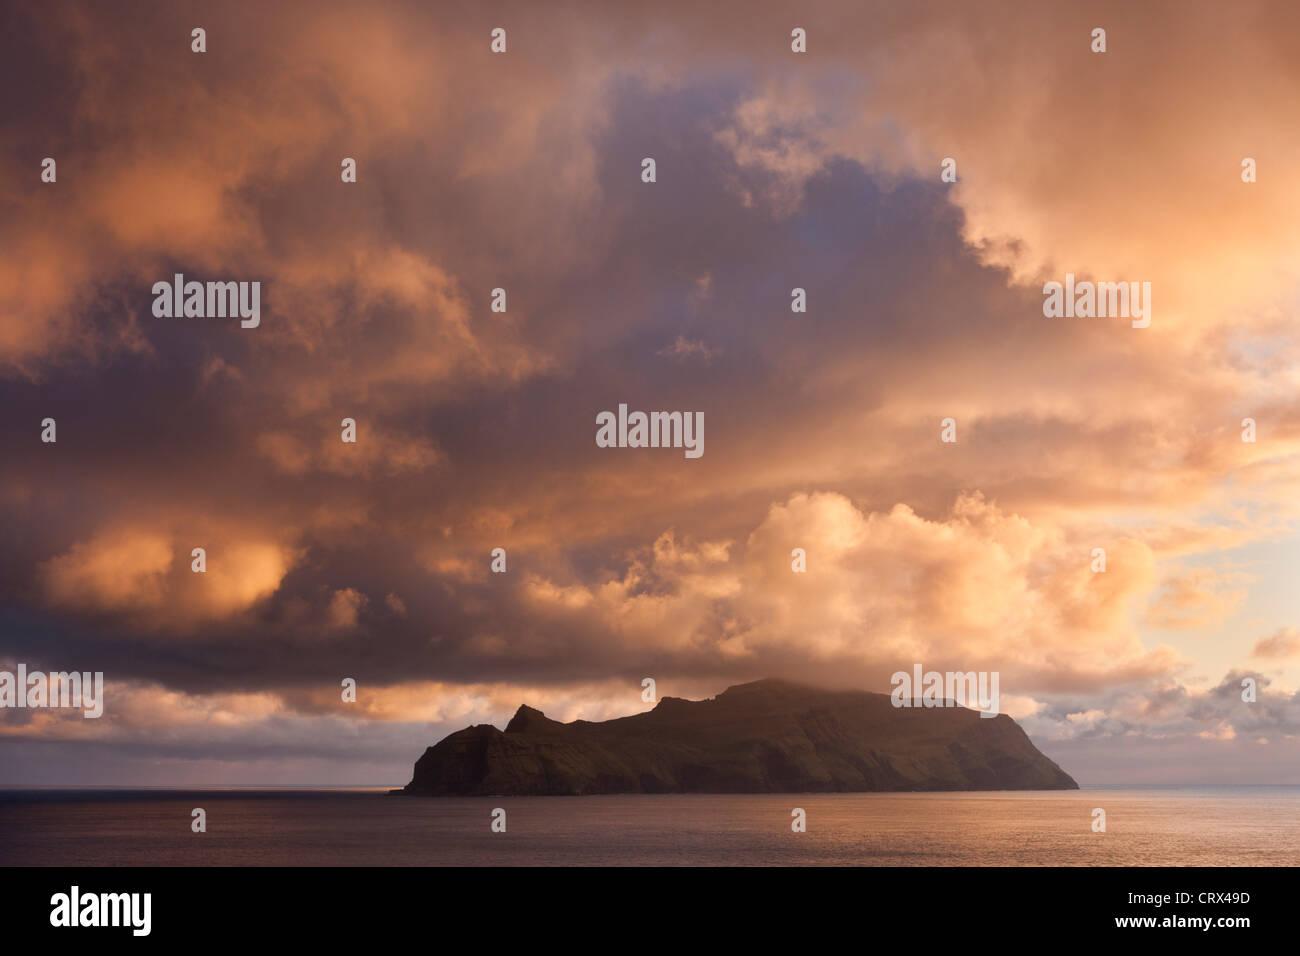 Spektakulärer Sonnenuntergang Himmel über der Insel Mykines, Färöer. Frühjahr 2012 (Mai). Stockfoto